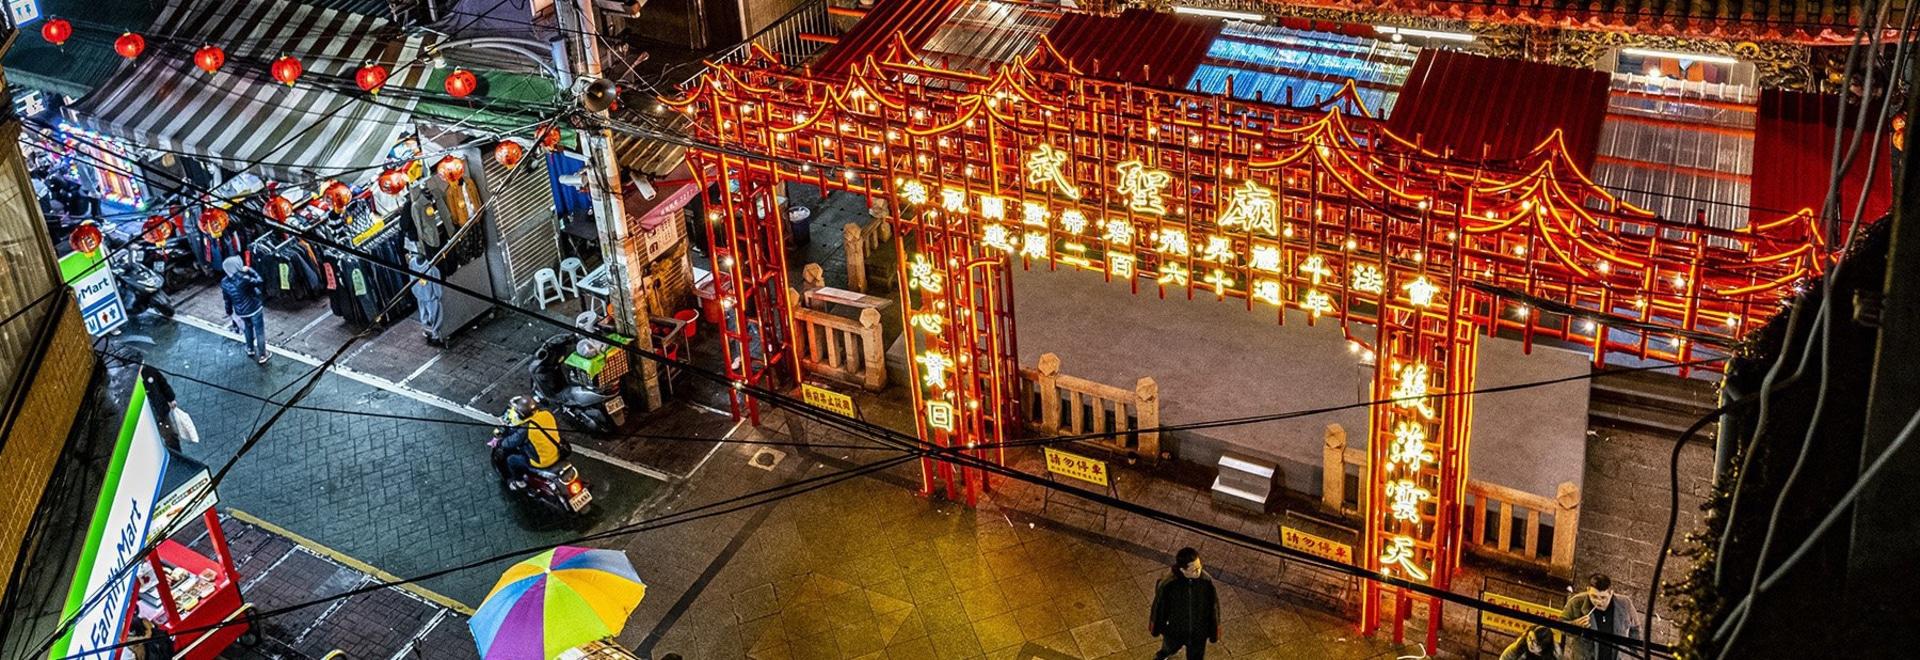 """El andamiaje tradicional de bambú pintado de rojo construye la """"puerta del brillo rojo"""" en Taipei"""